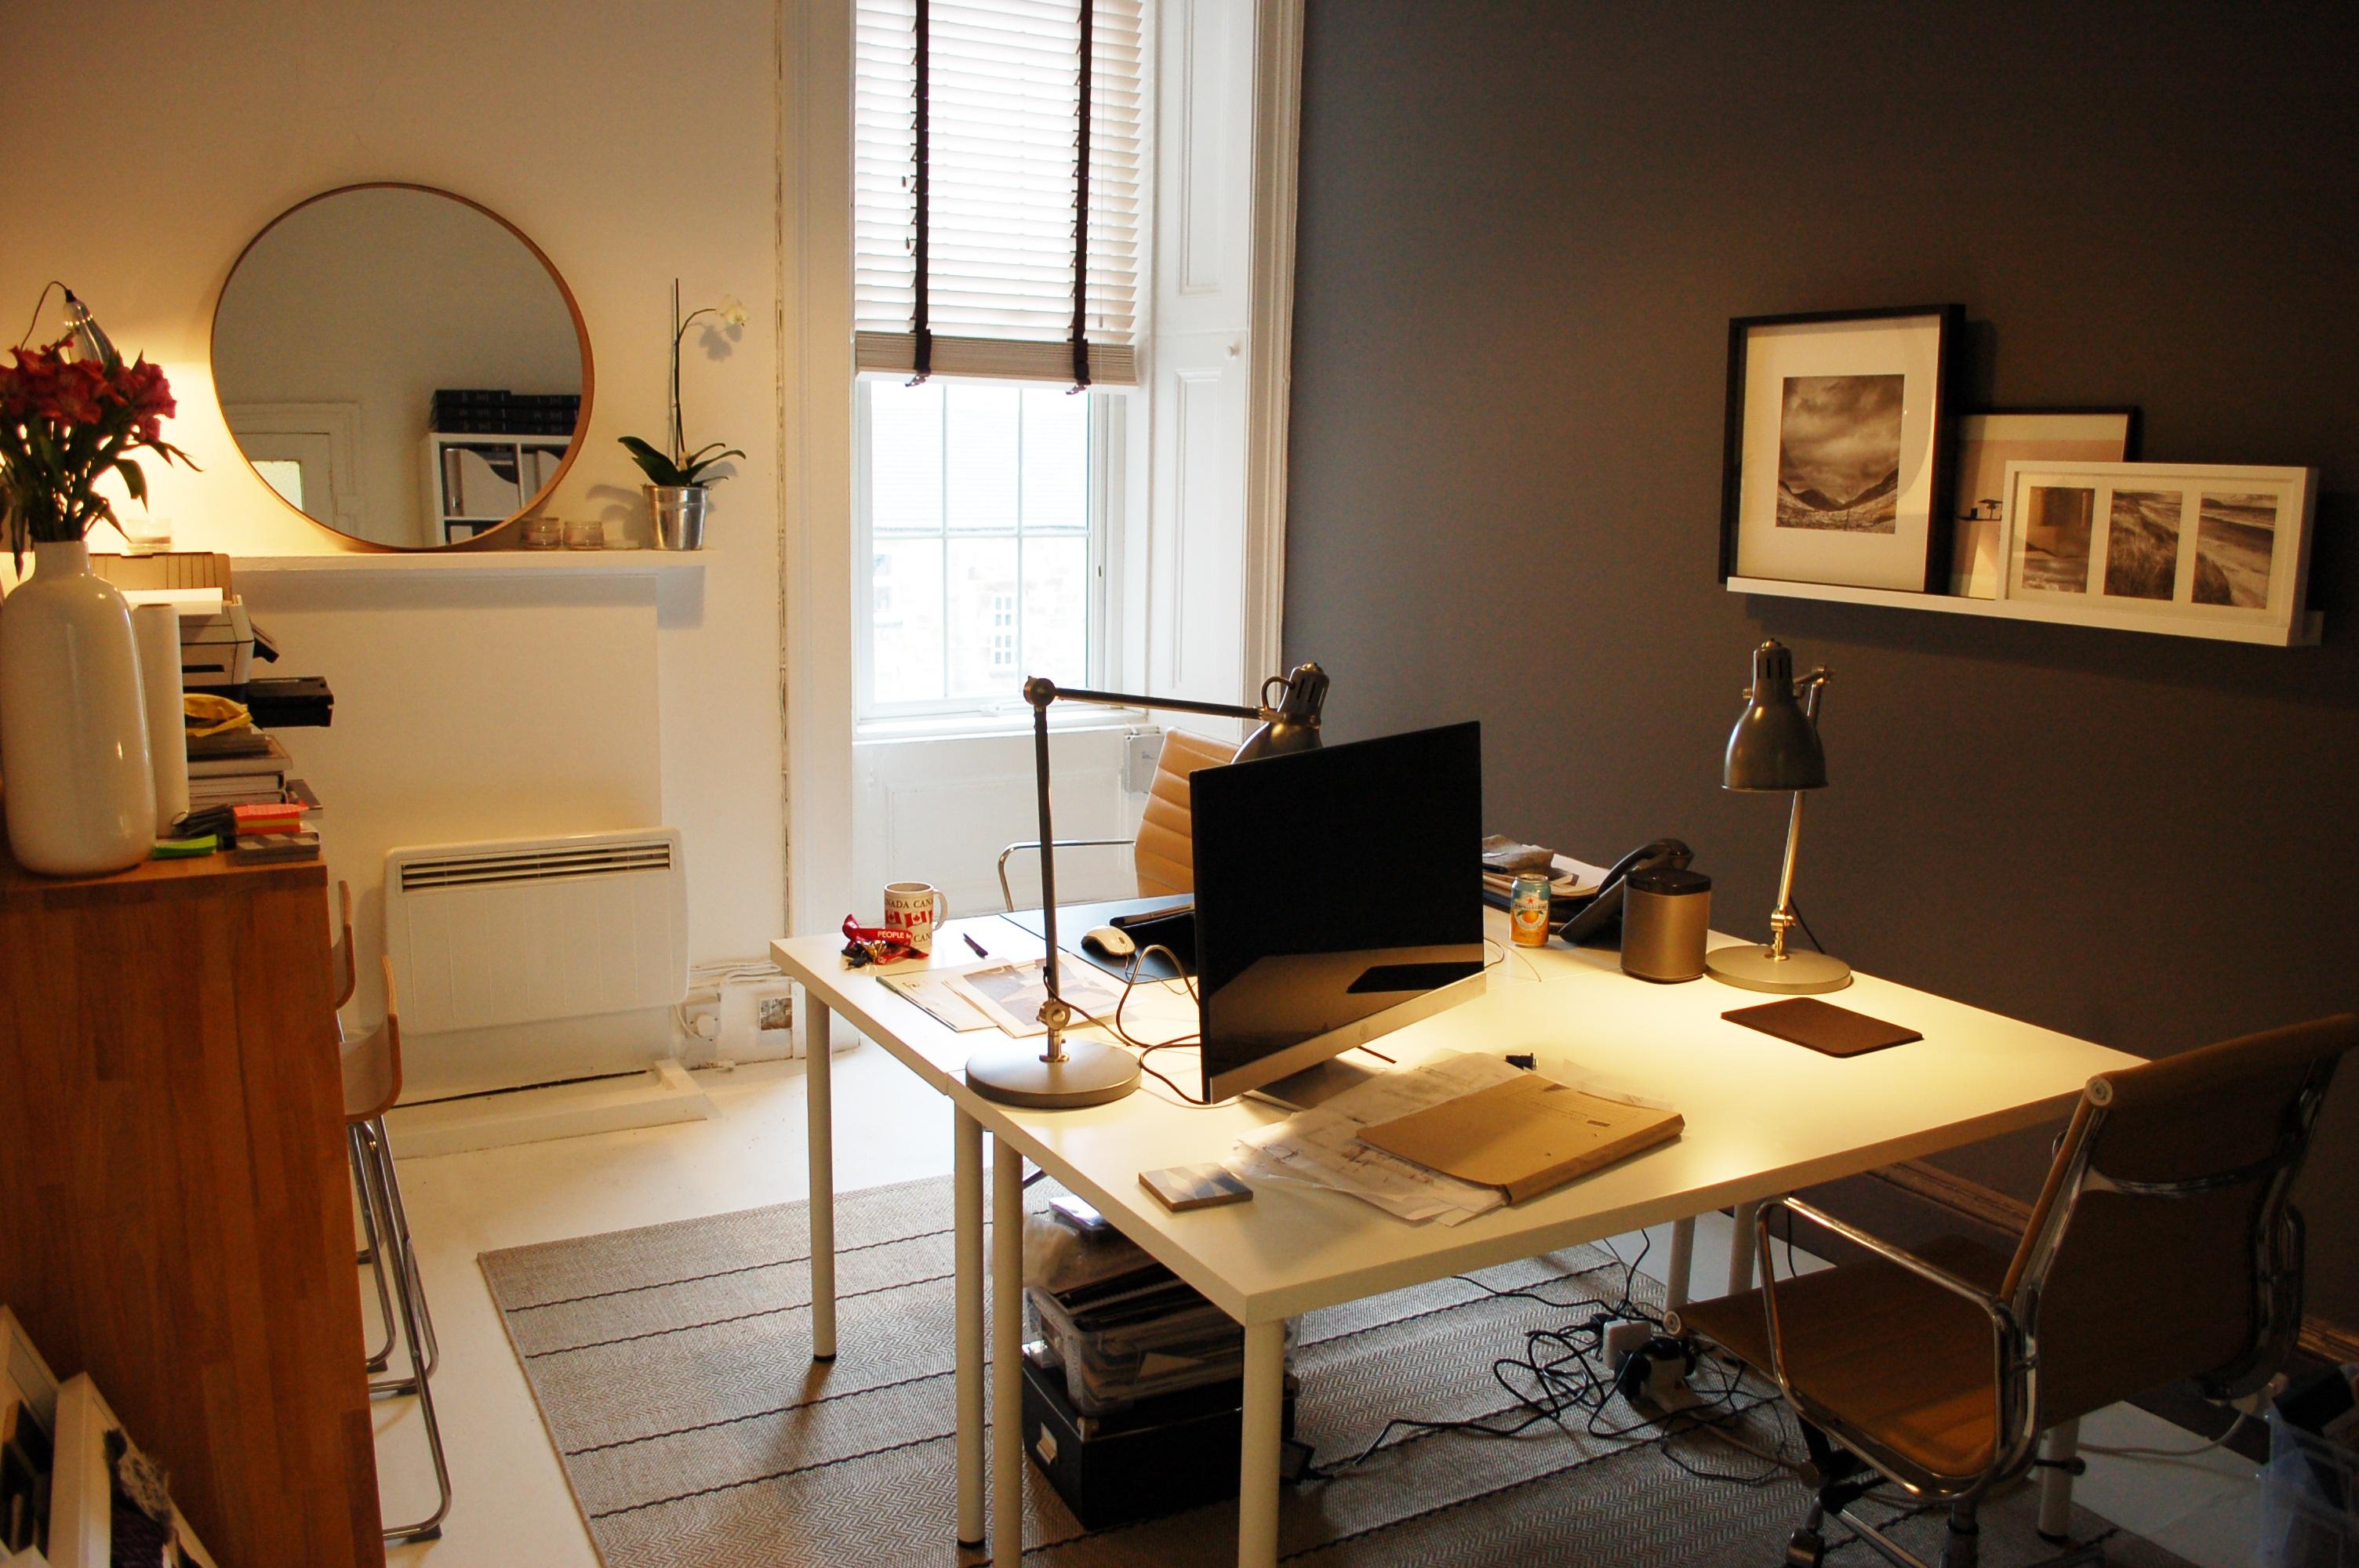 Fotos gratis arquitectura ventana edificio ciudad for Diseno de interiores para oficinas pequenas